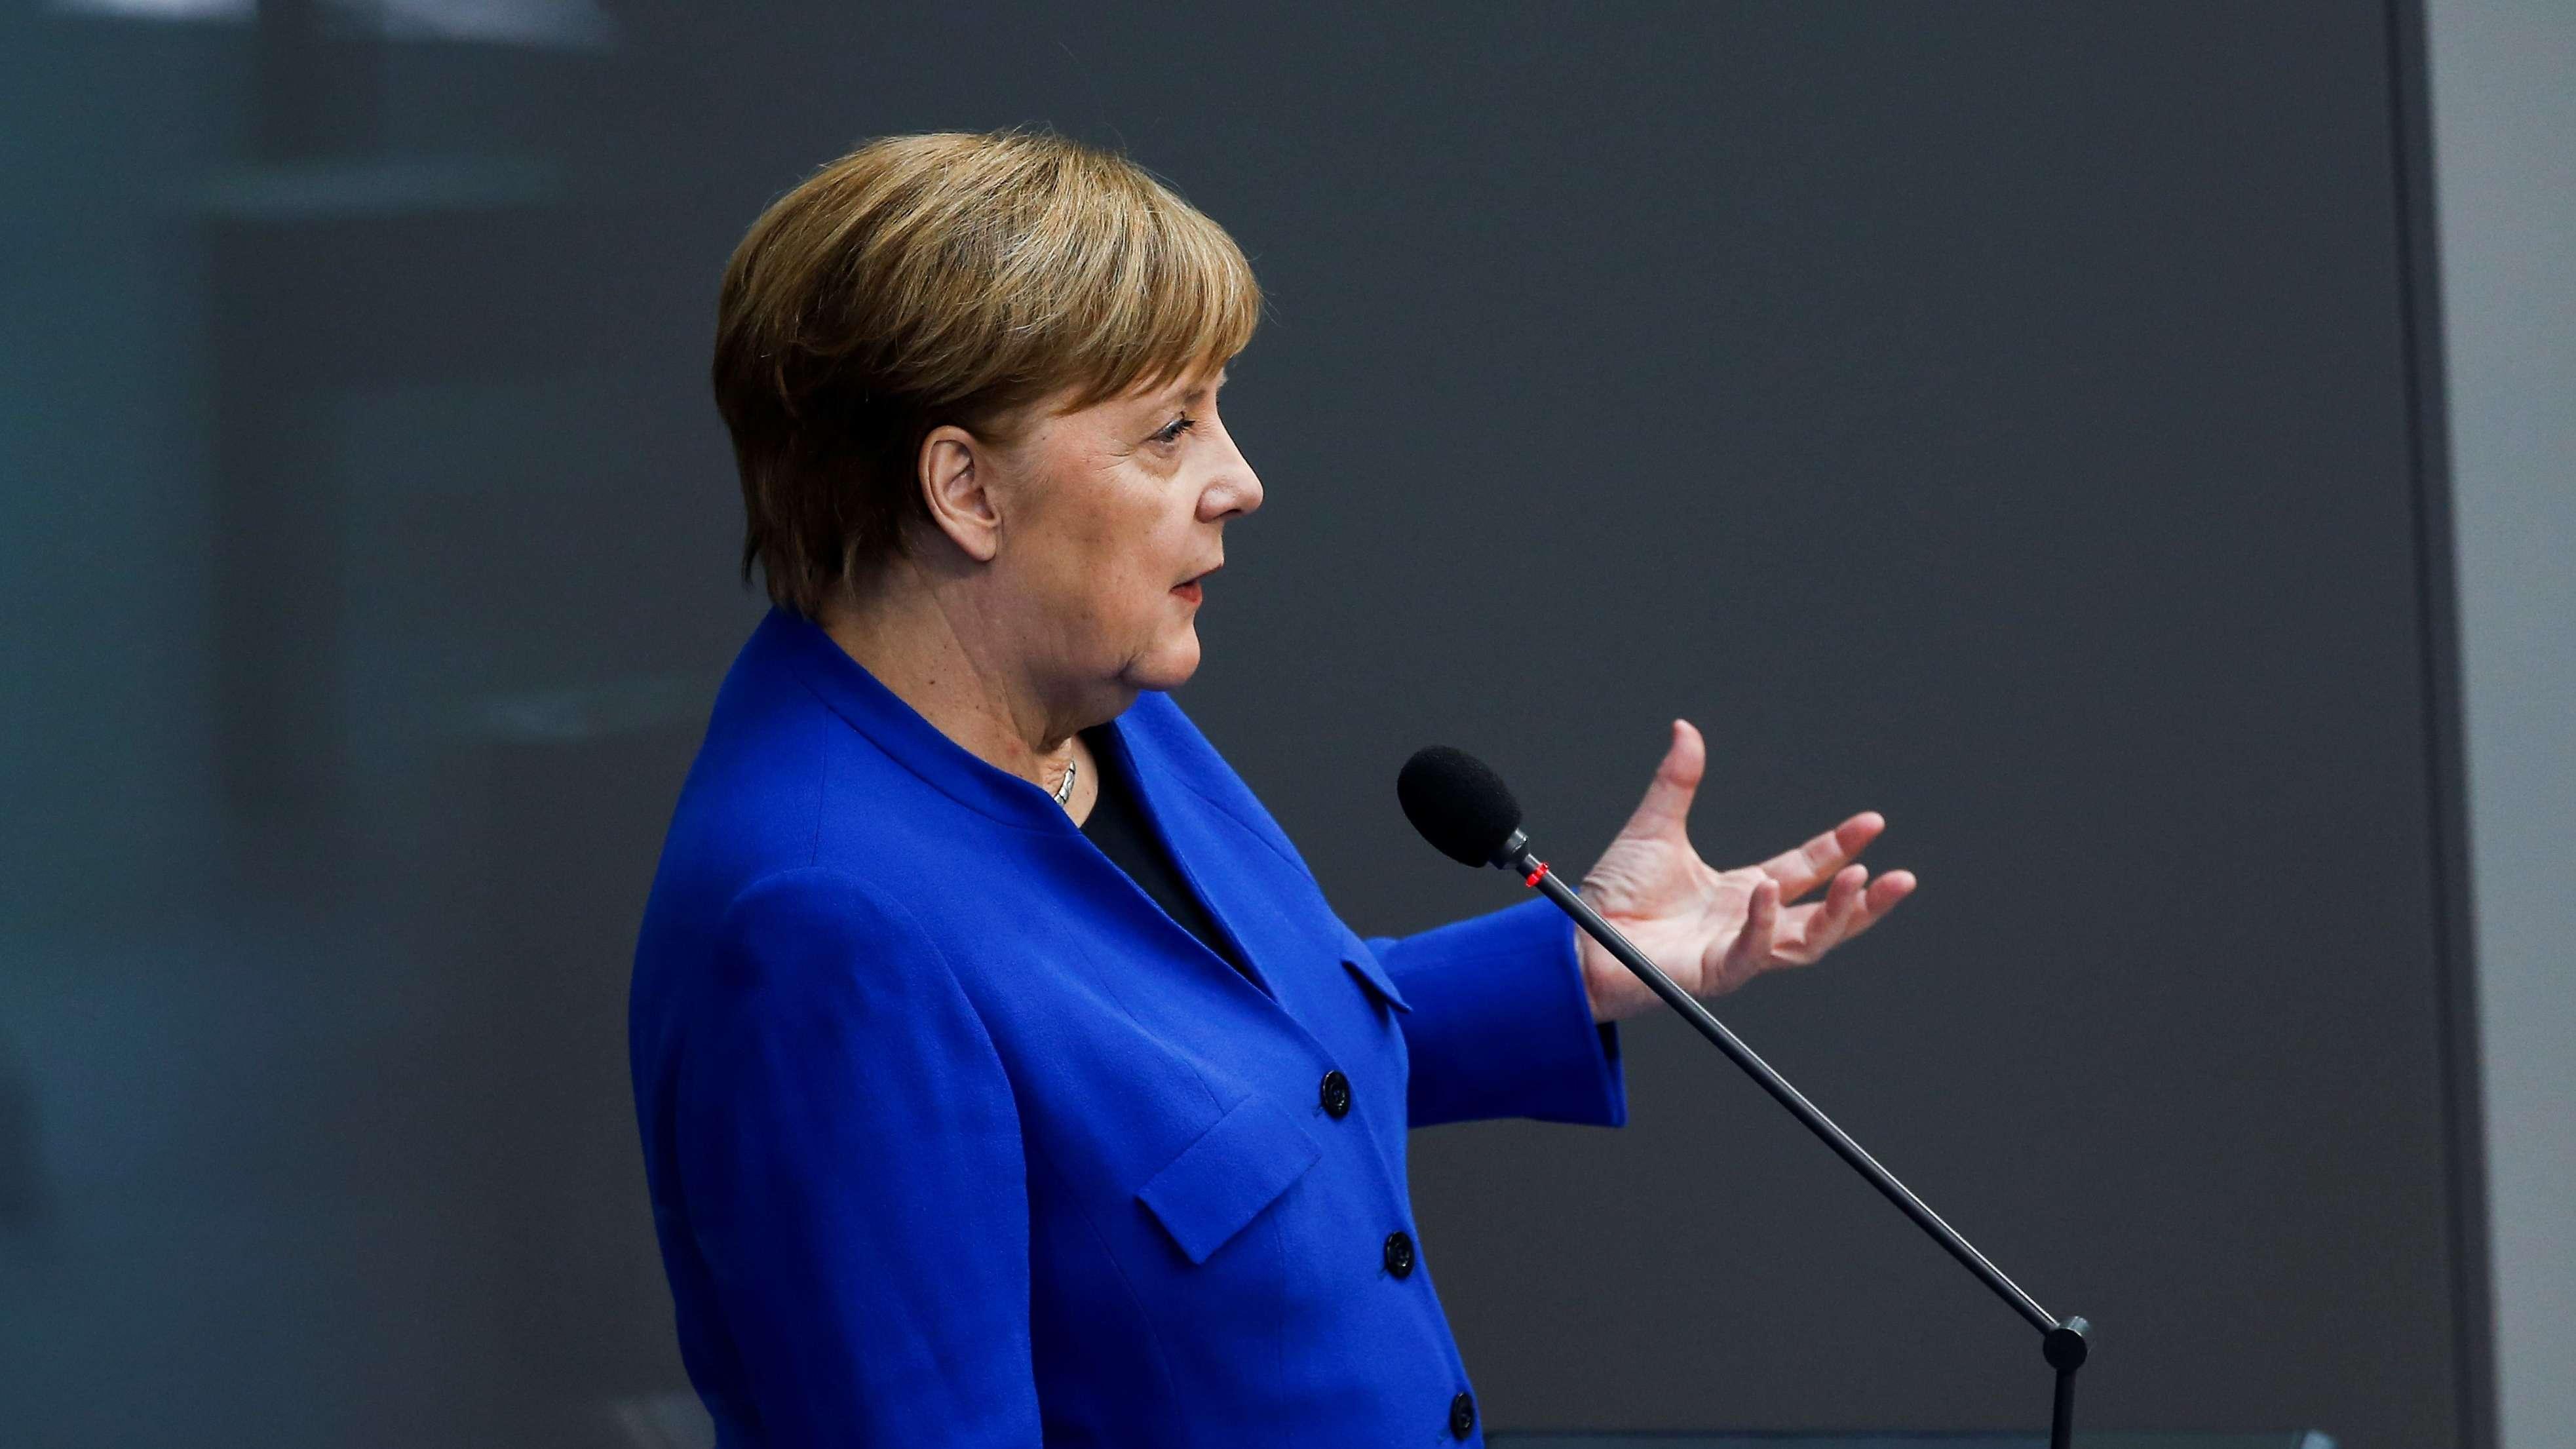 Angela Merkel bei Regierungsbefragung am 10. April 2019